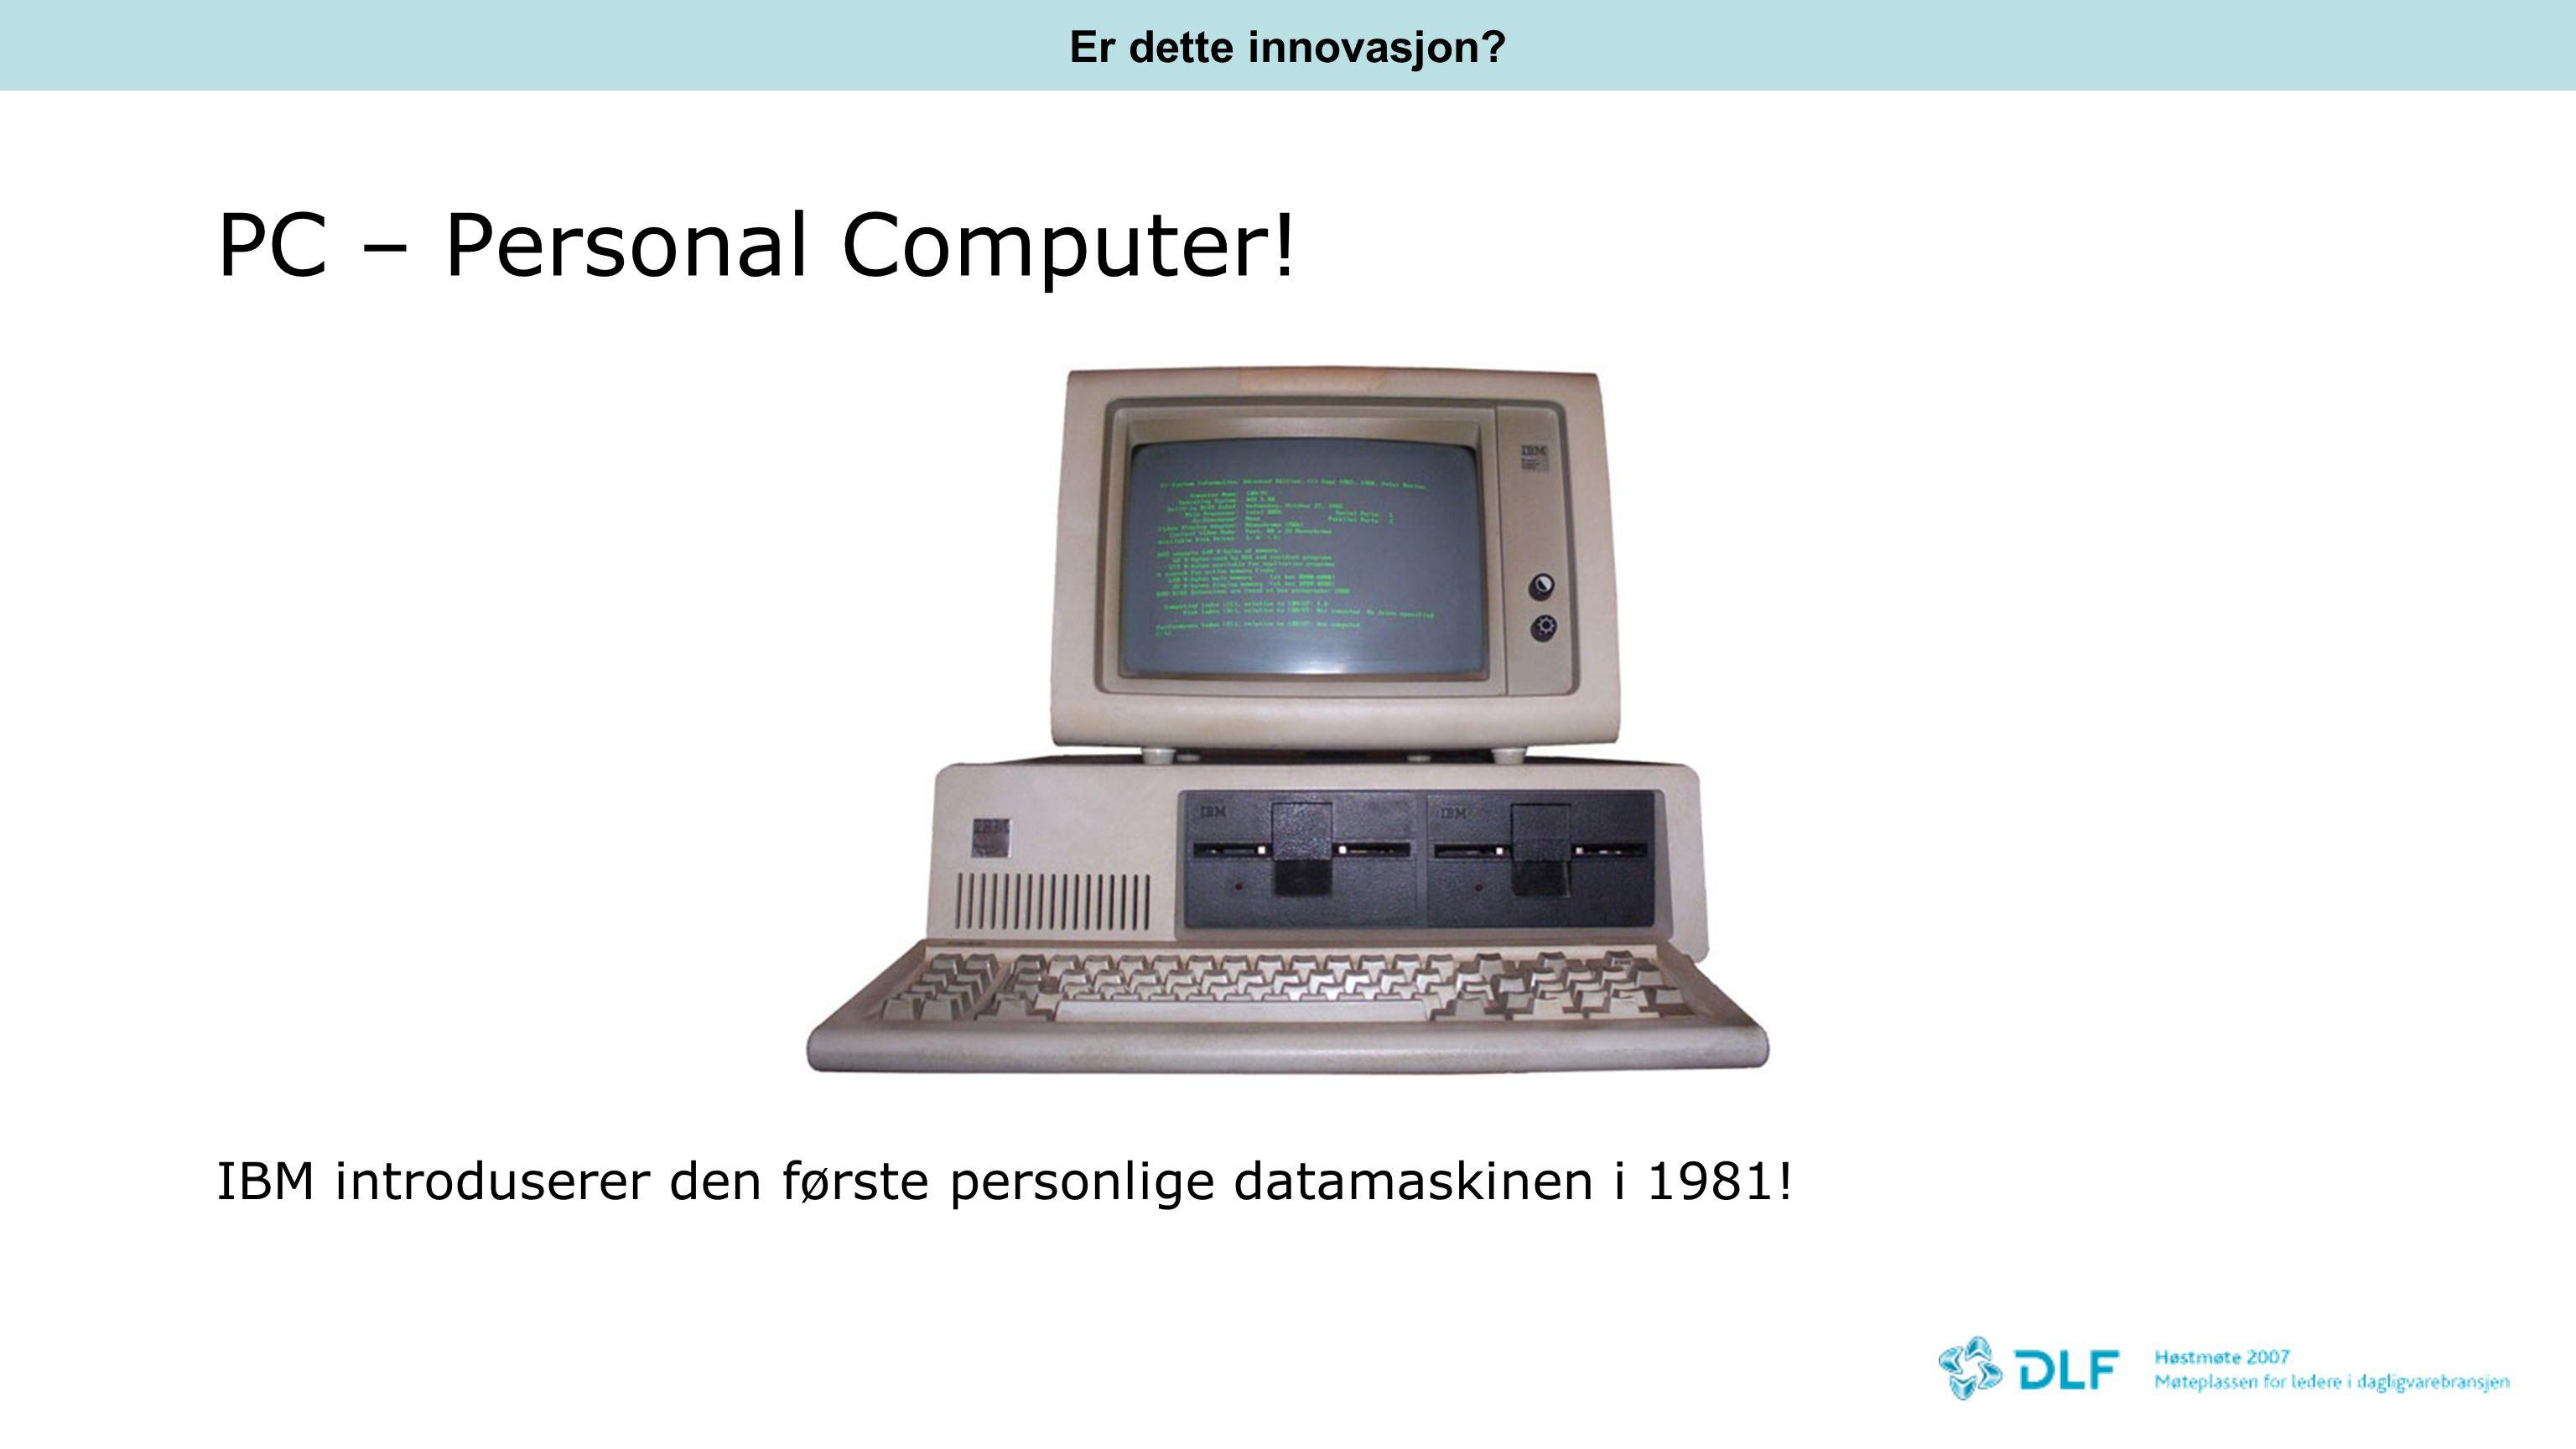 PC – Personal Computer! IBM introduserer den første personlige datamaskinen i 1981! Er dette innovasjon?